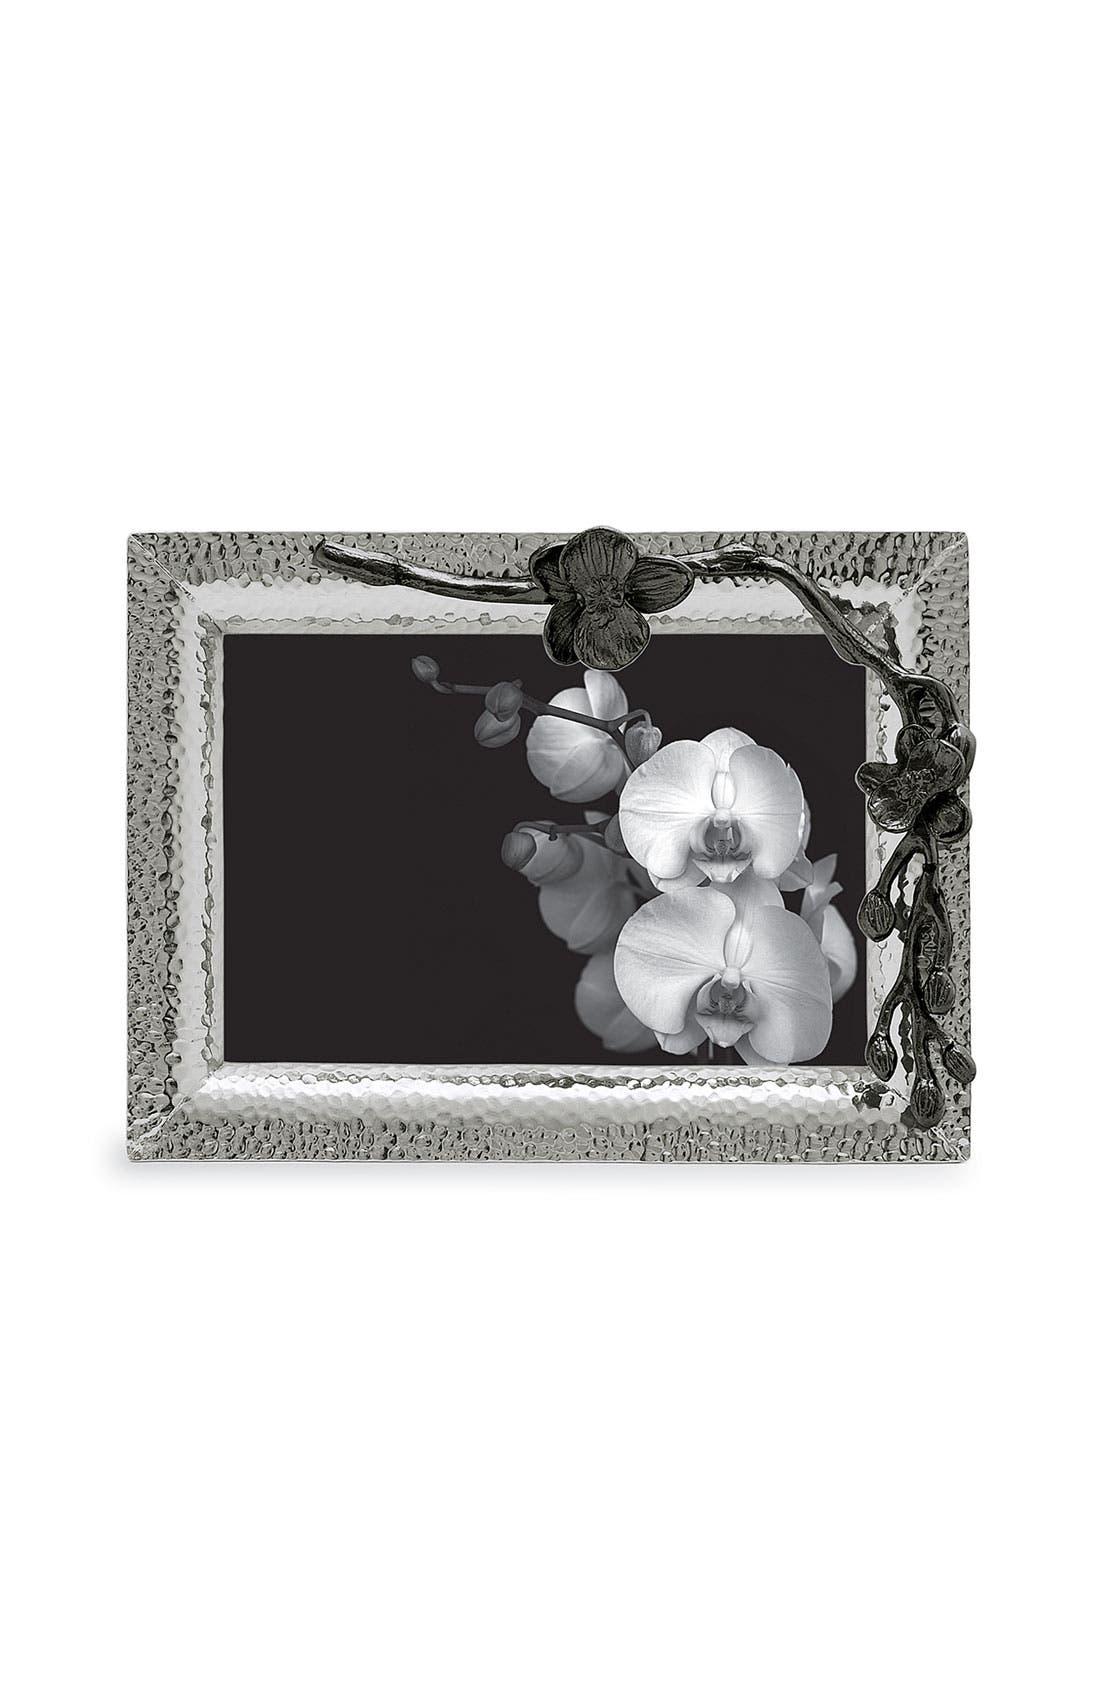 Picture Frames | Nordstrom